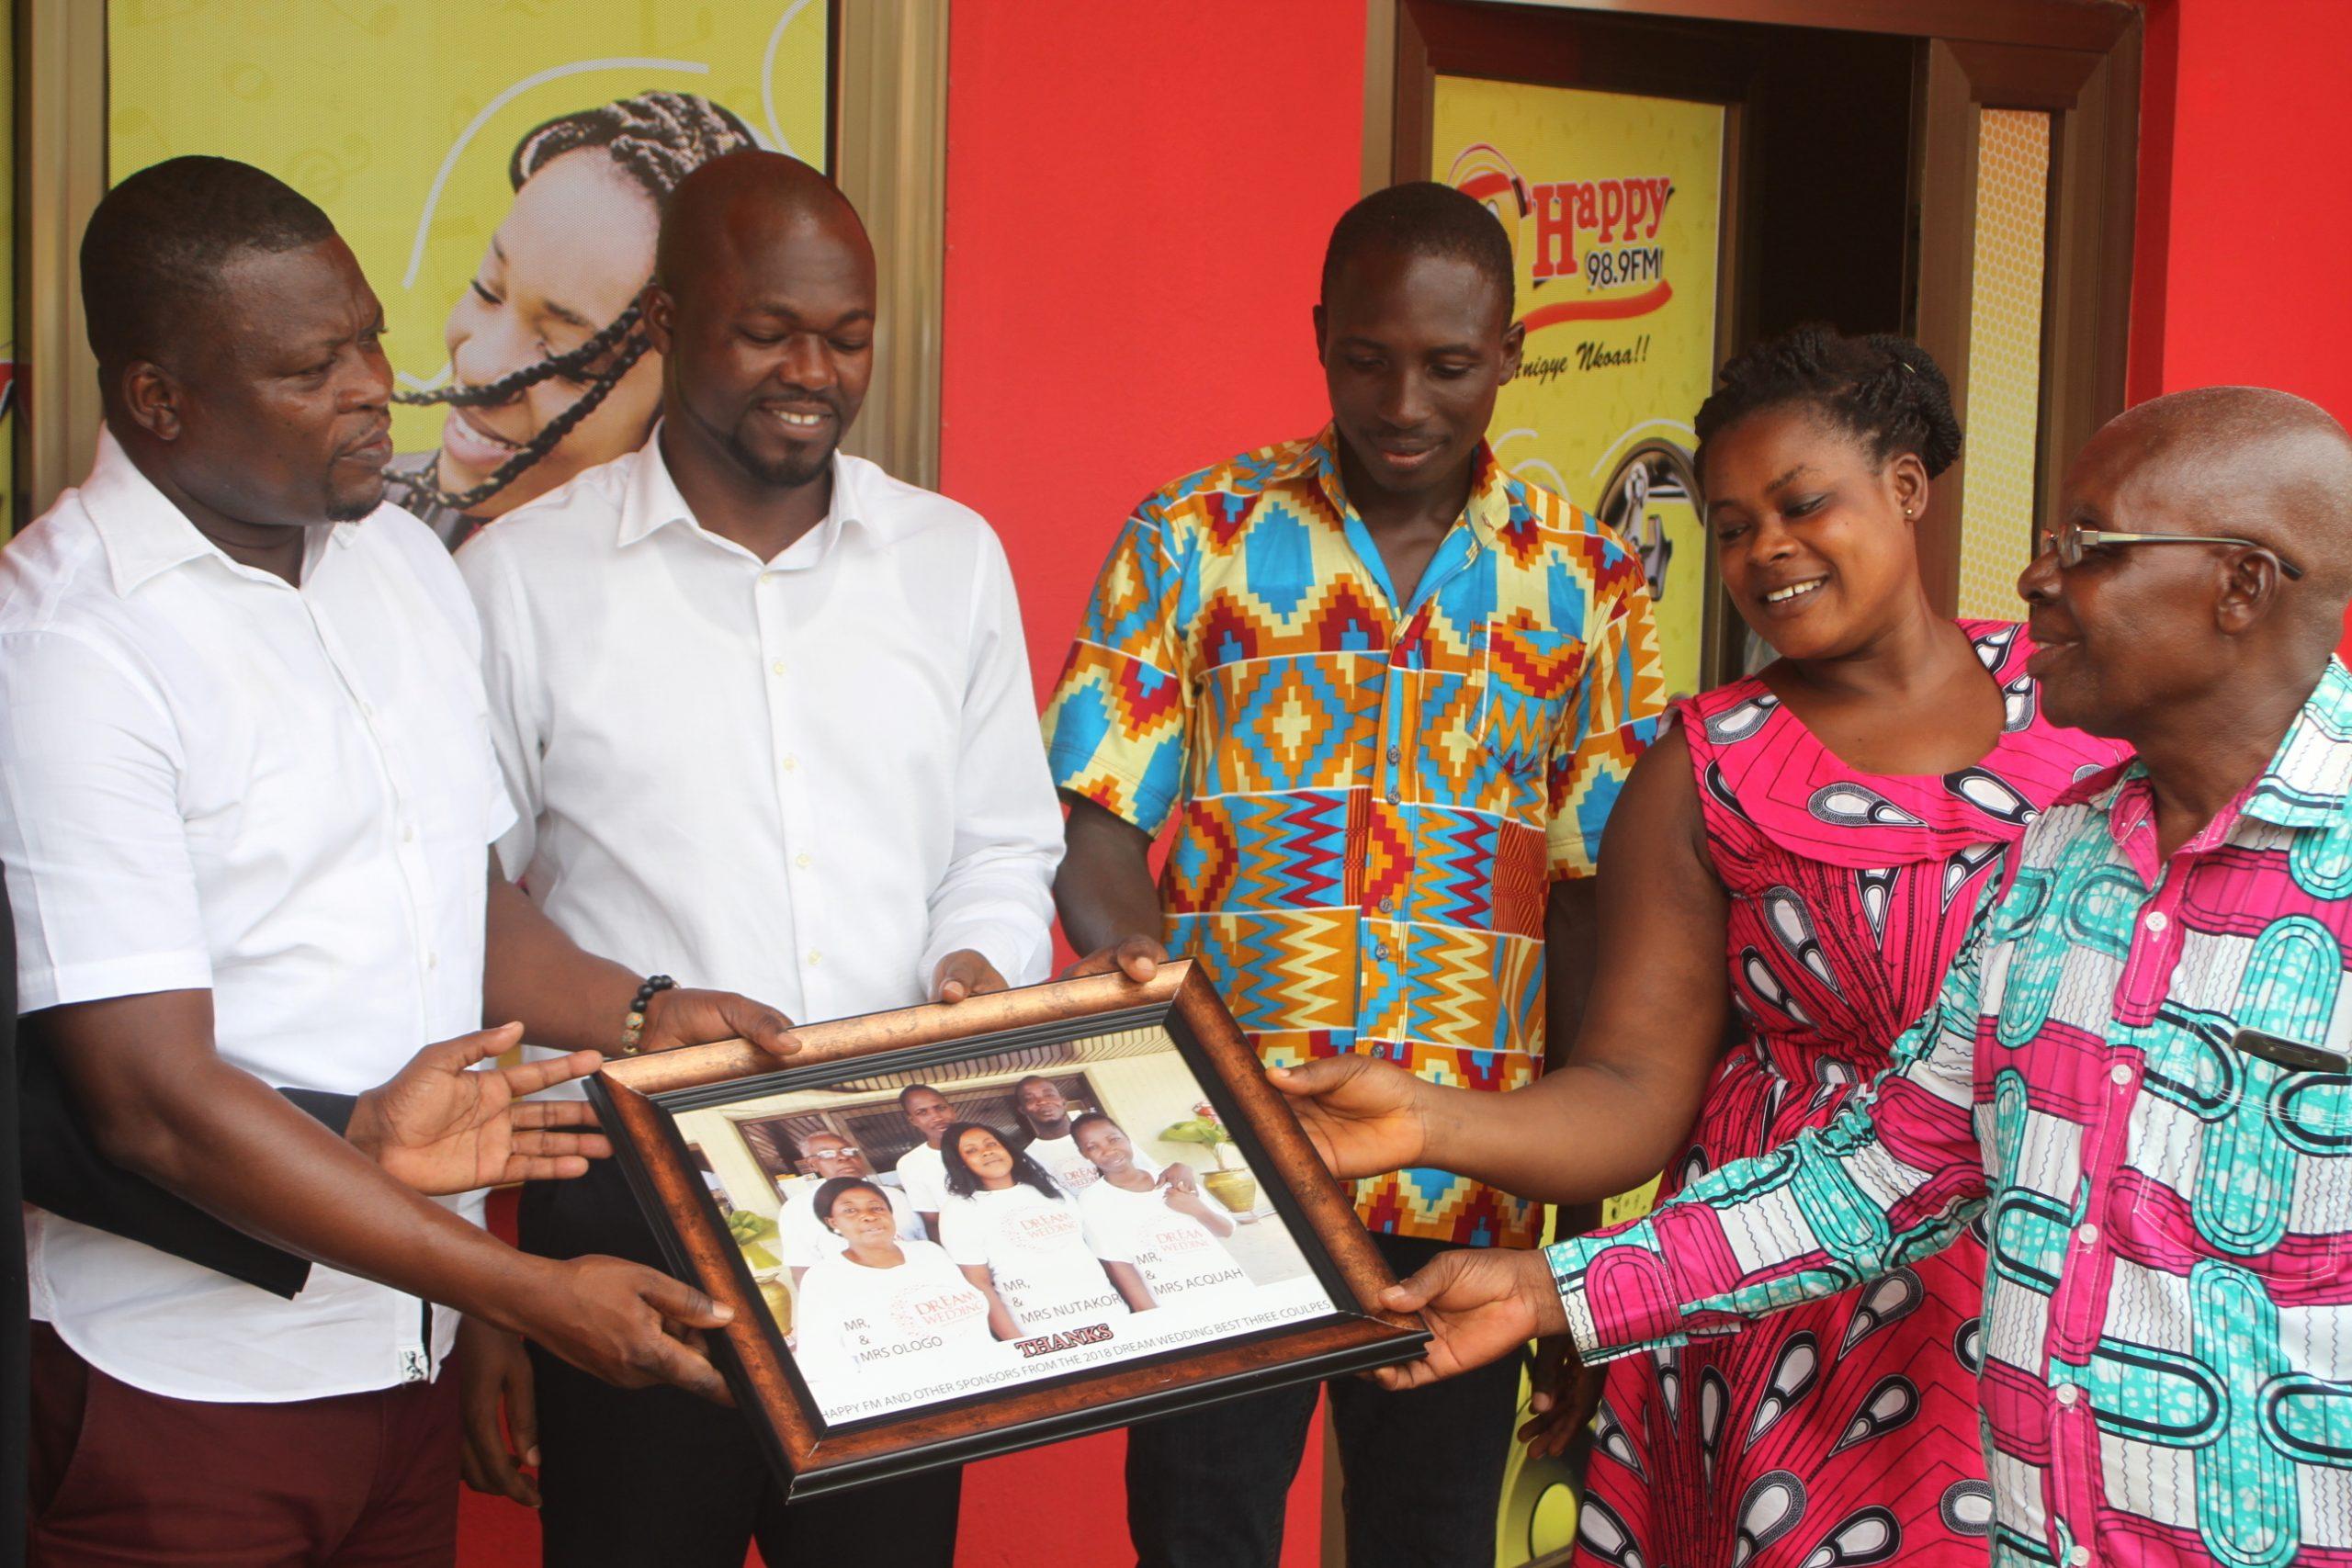 PHOTOS: DREAM WEDDING couples show appreciation to Happy FM